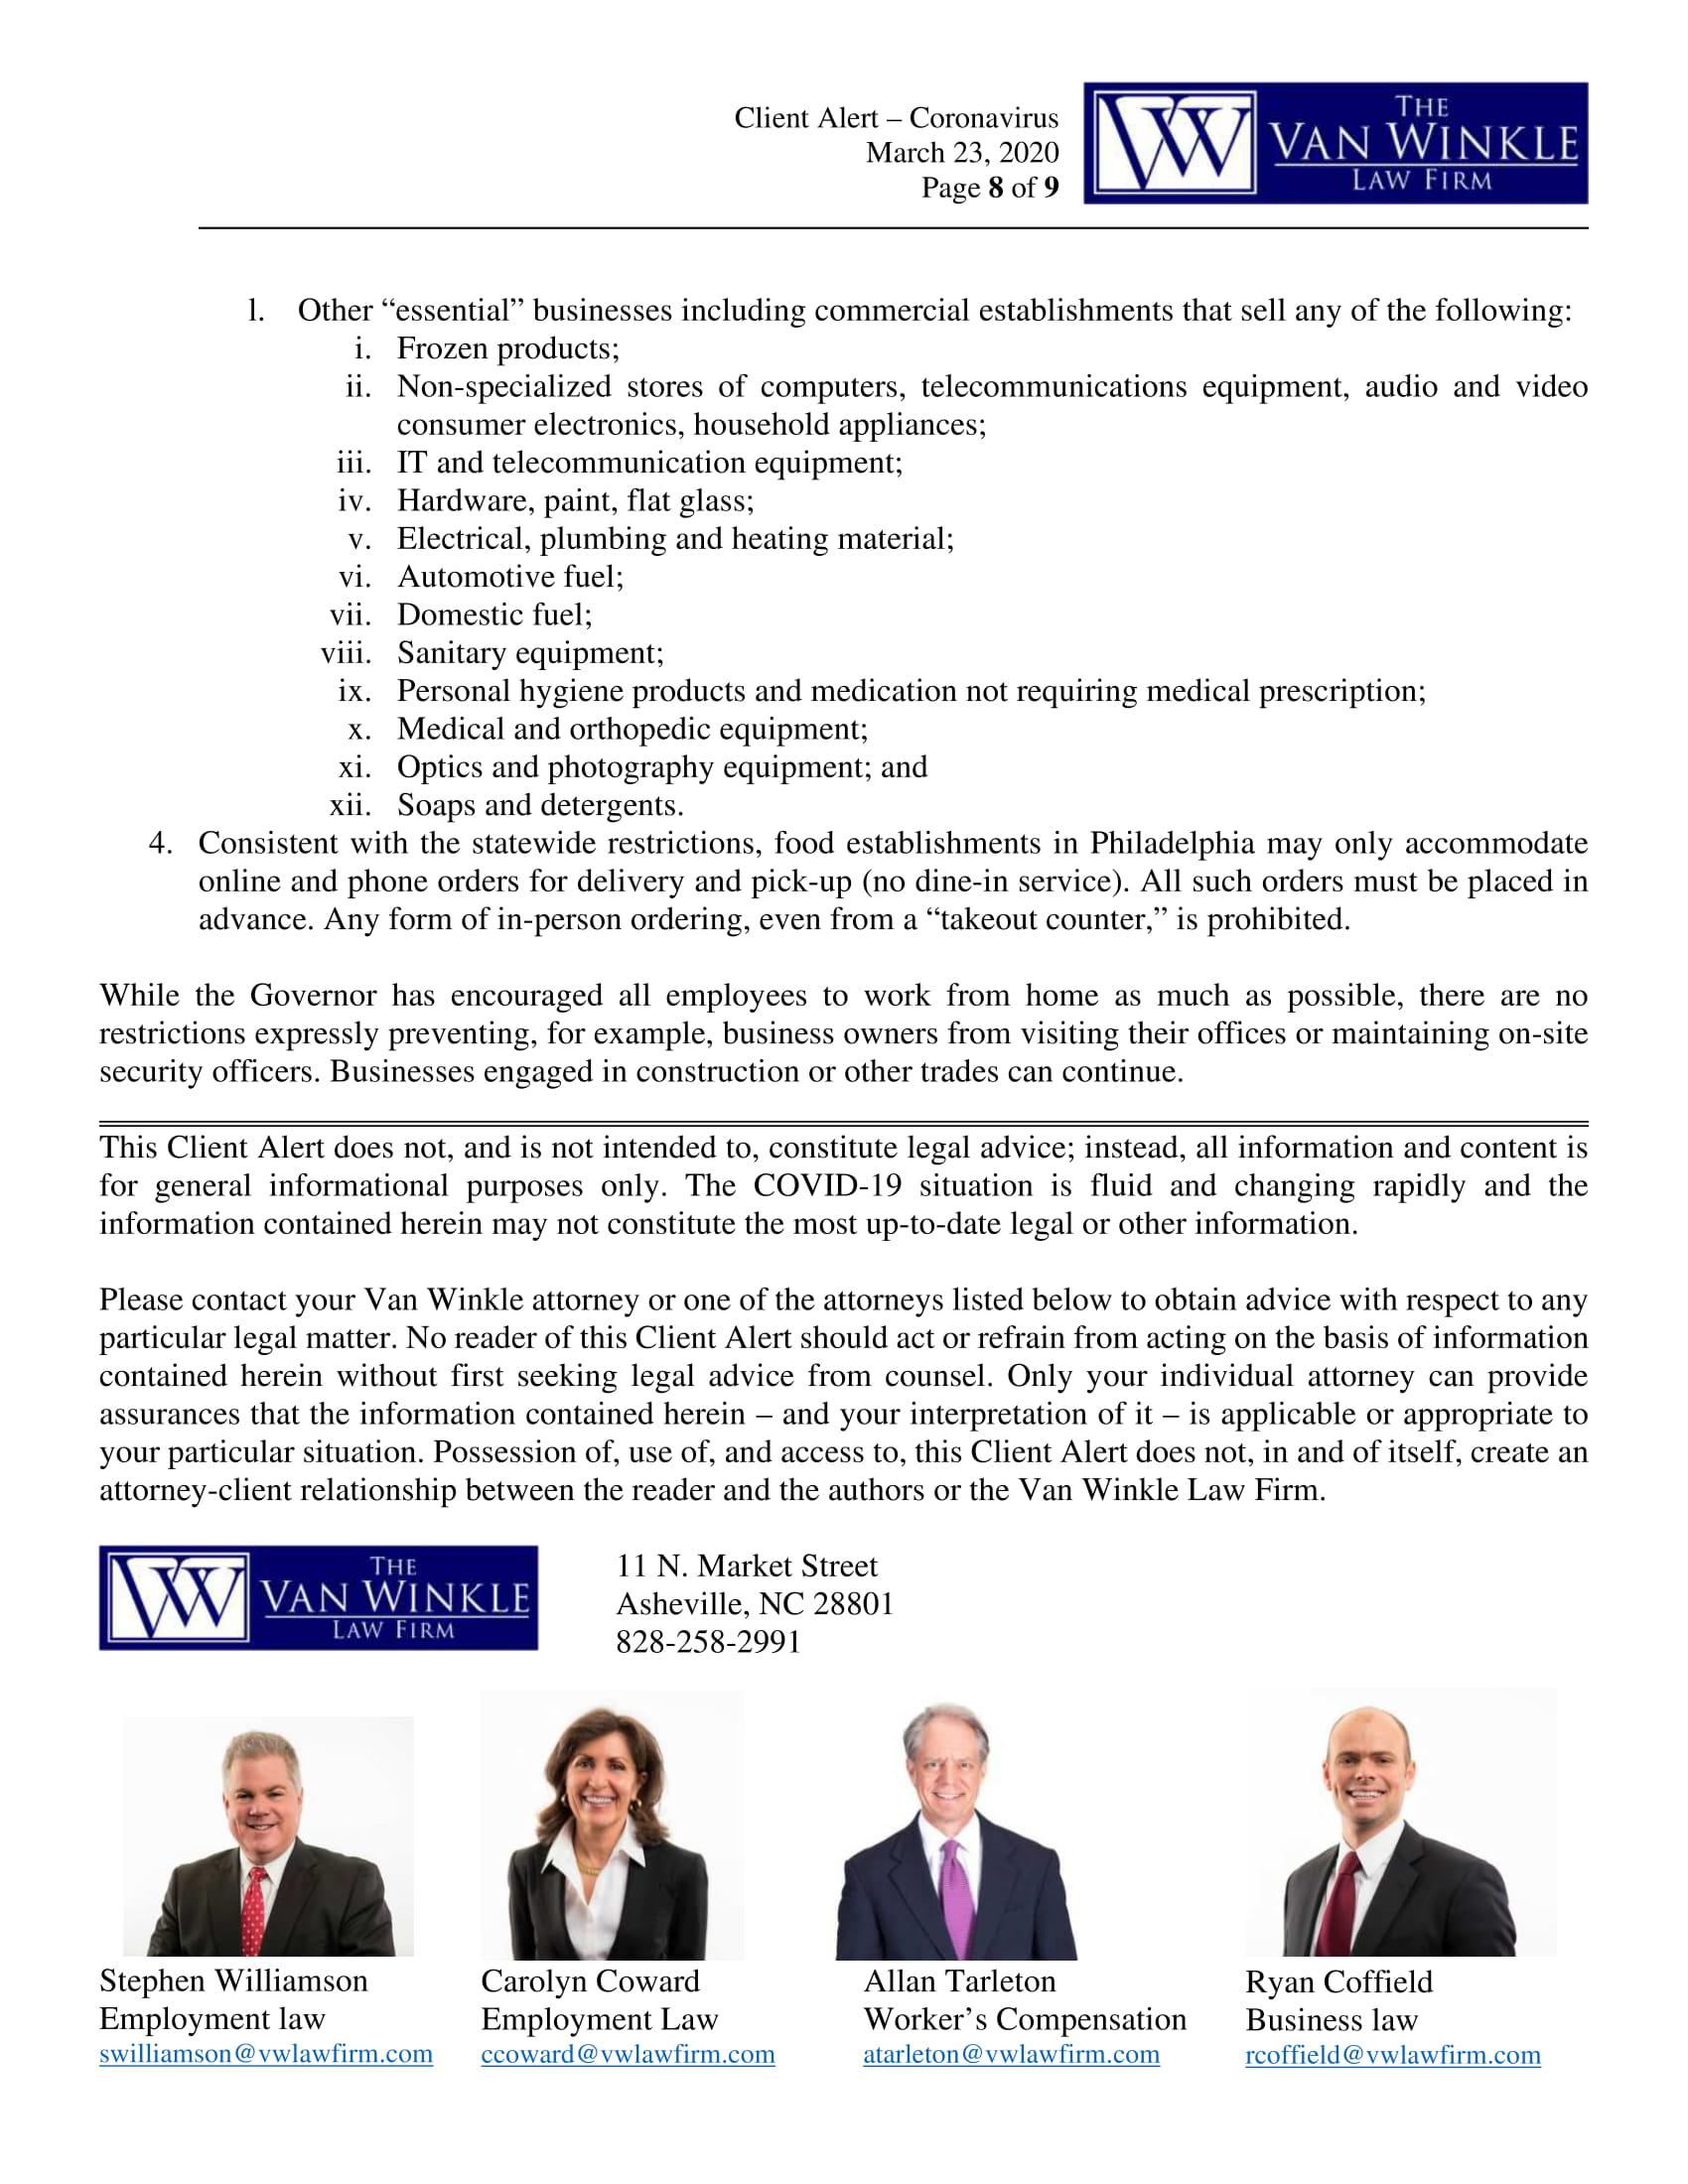 North Carolina's Executive Order Page 8